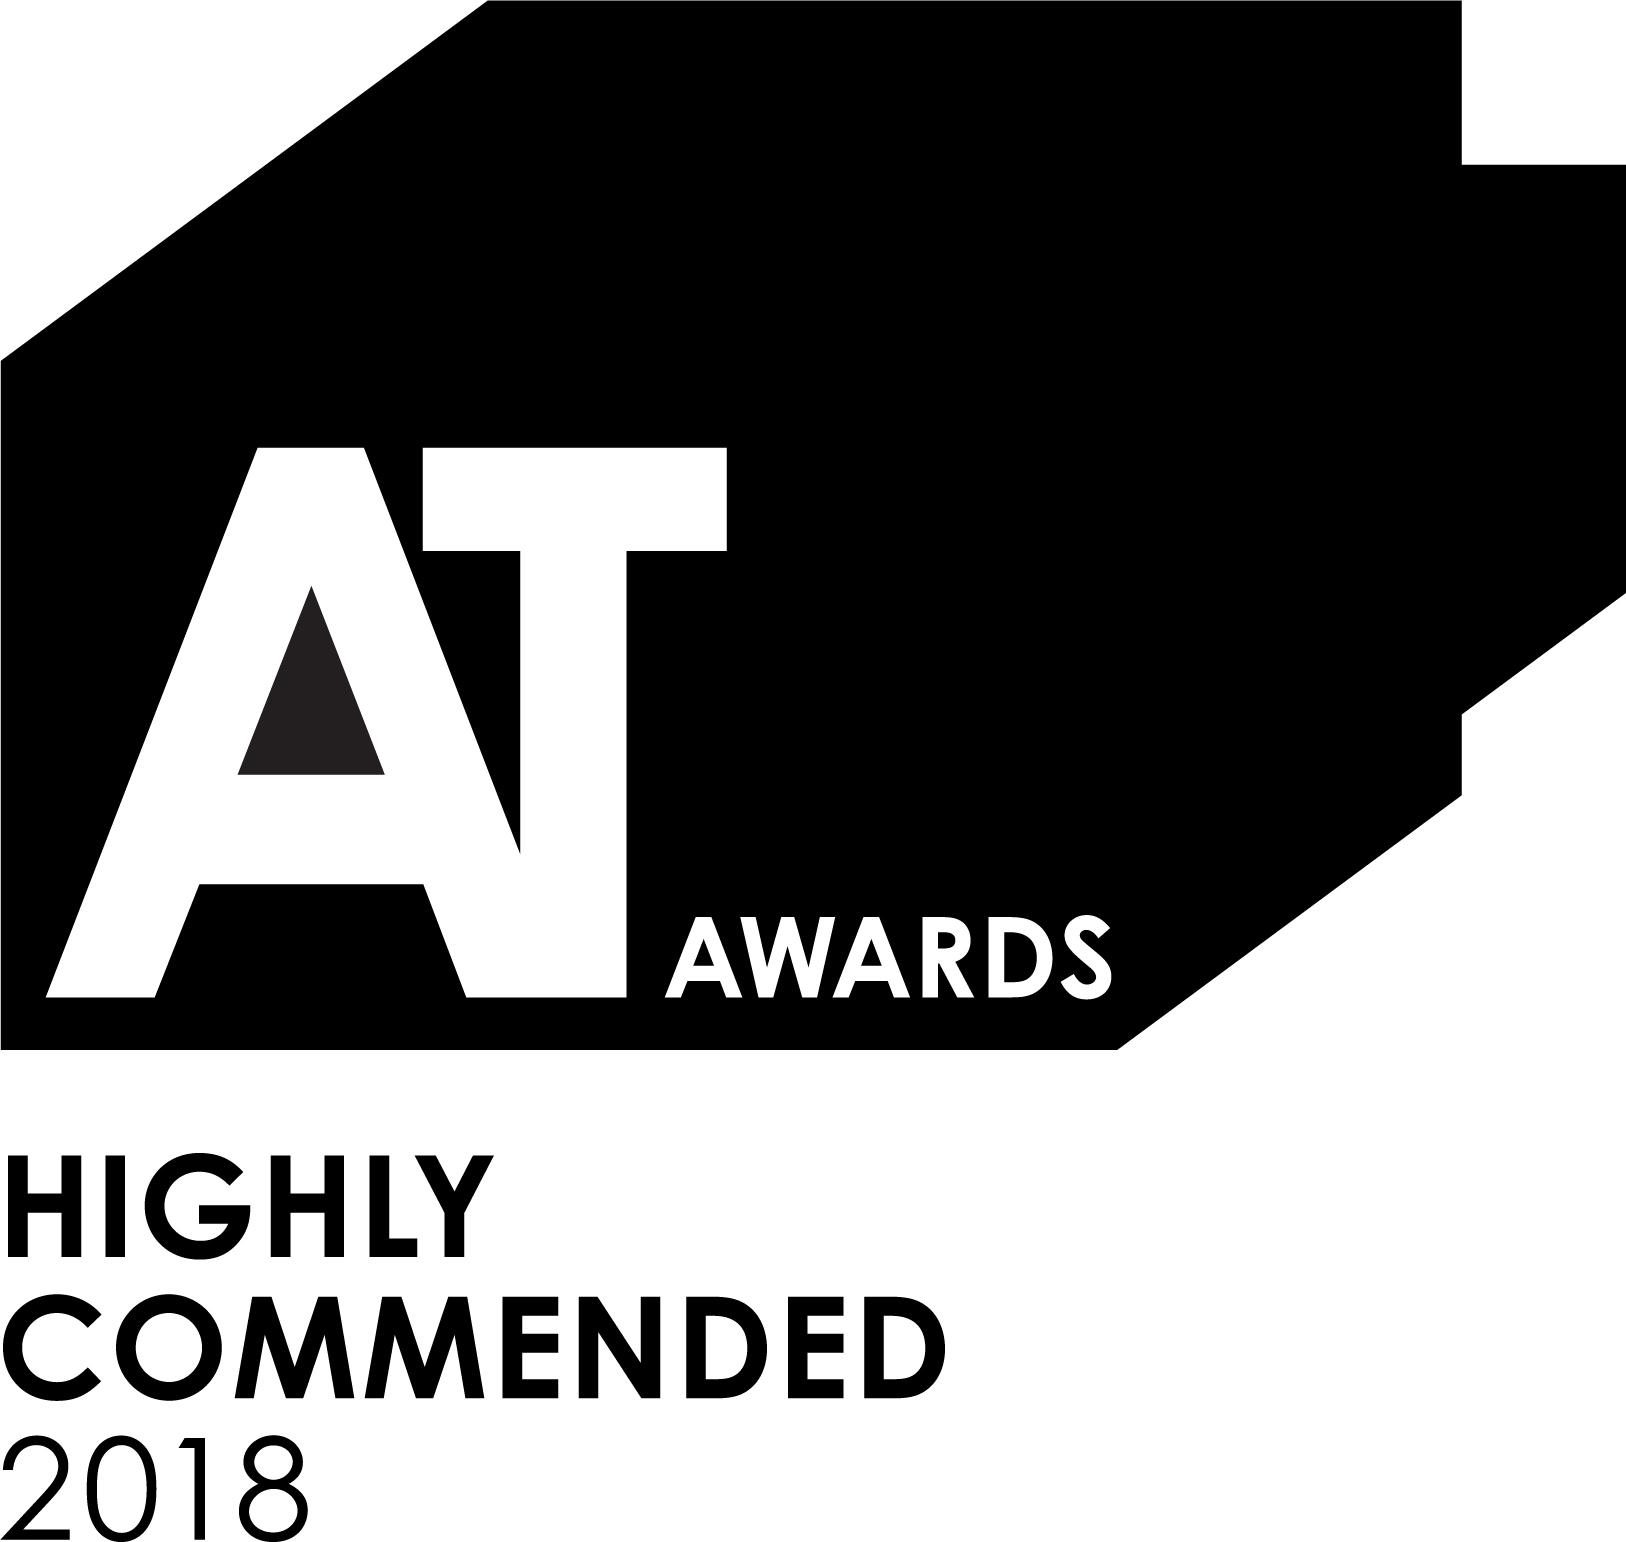 AT Awards 2018